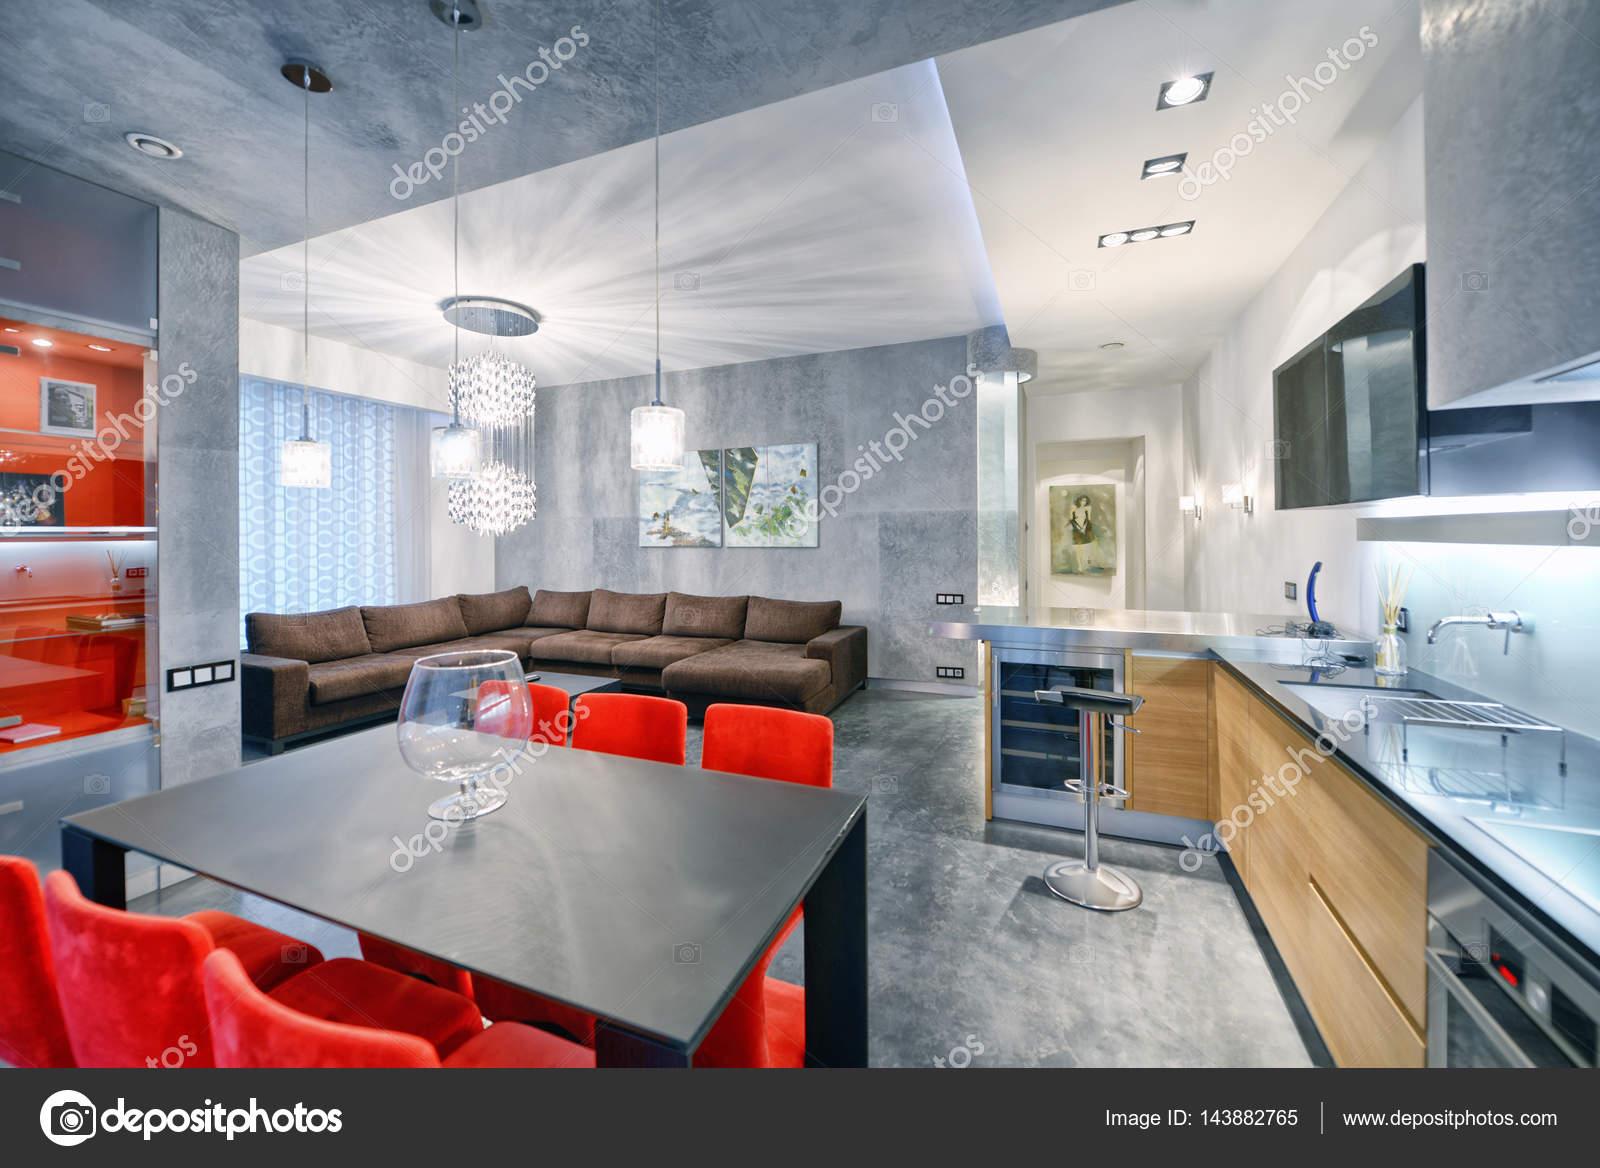 Dise o de interiores cocina living comedor en piso nuevo for Diseno de interiores living comedor